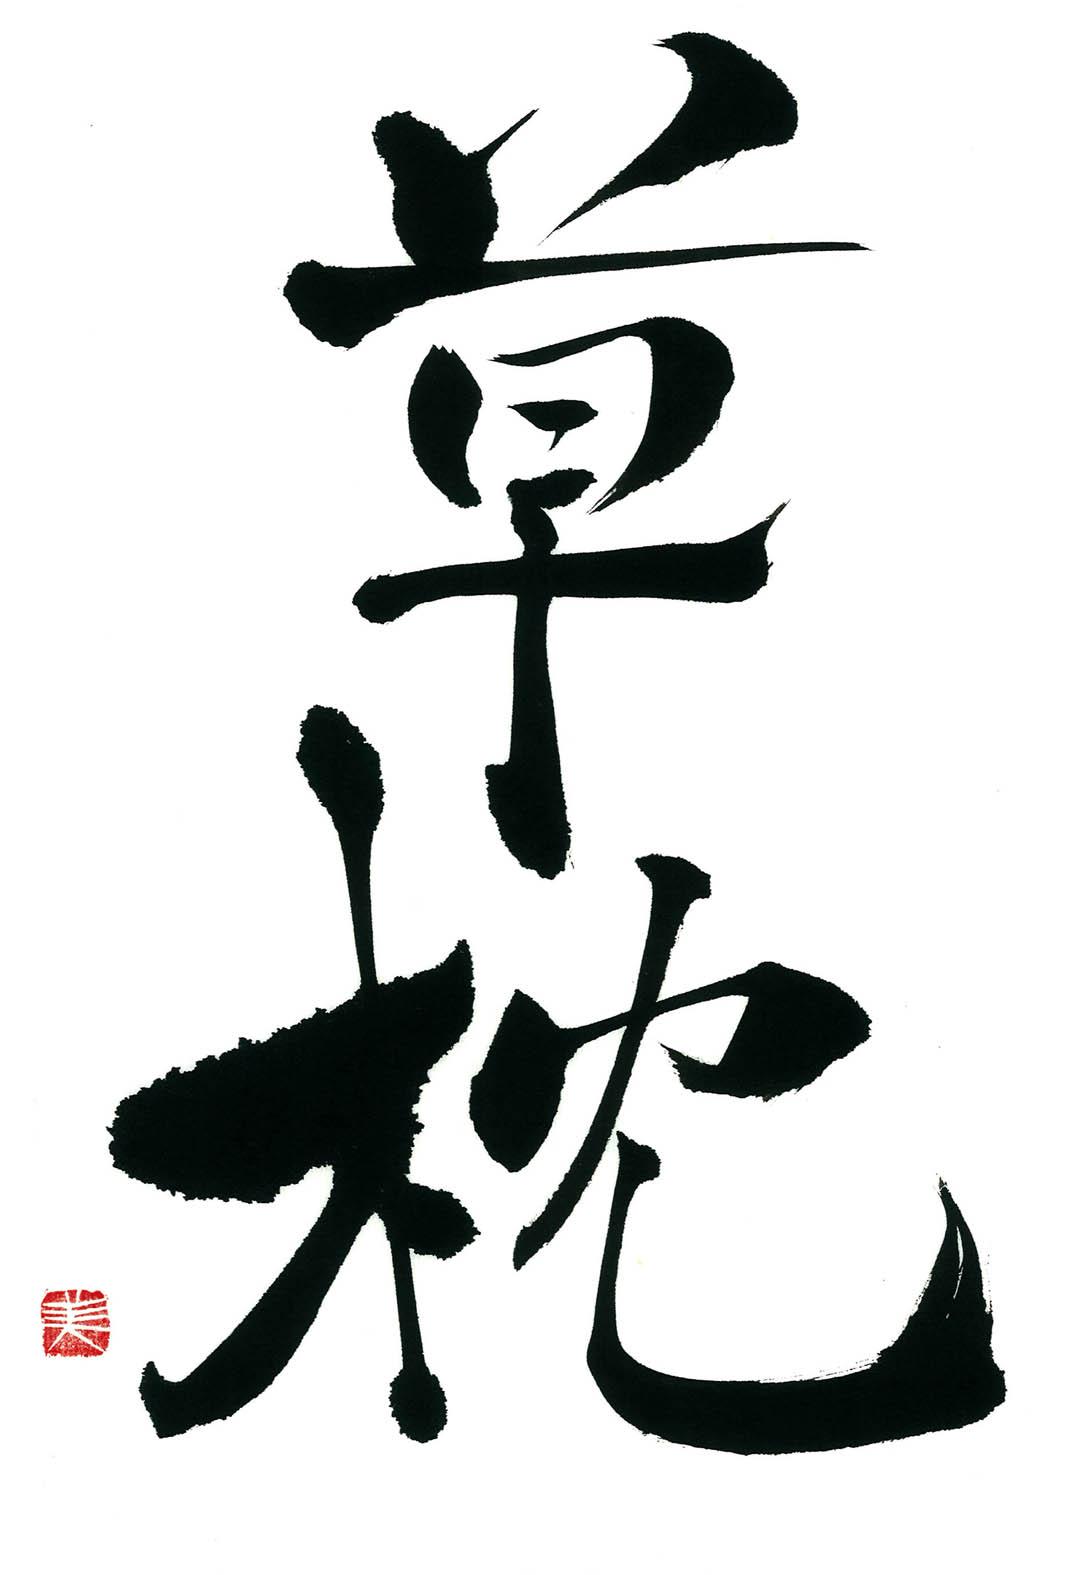 イギリス人フラナガン氏の夏目漱石「草枕」評論(日本語でーす)_a0098174_1525110.jpg